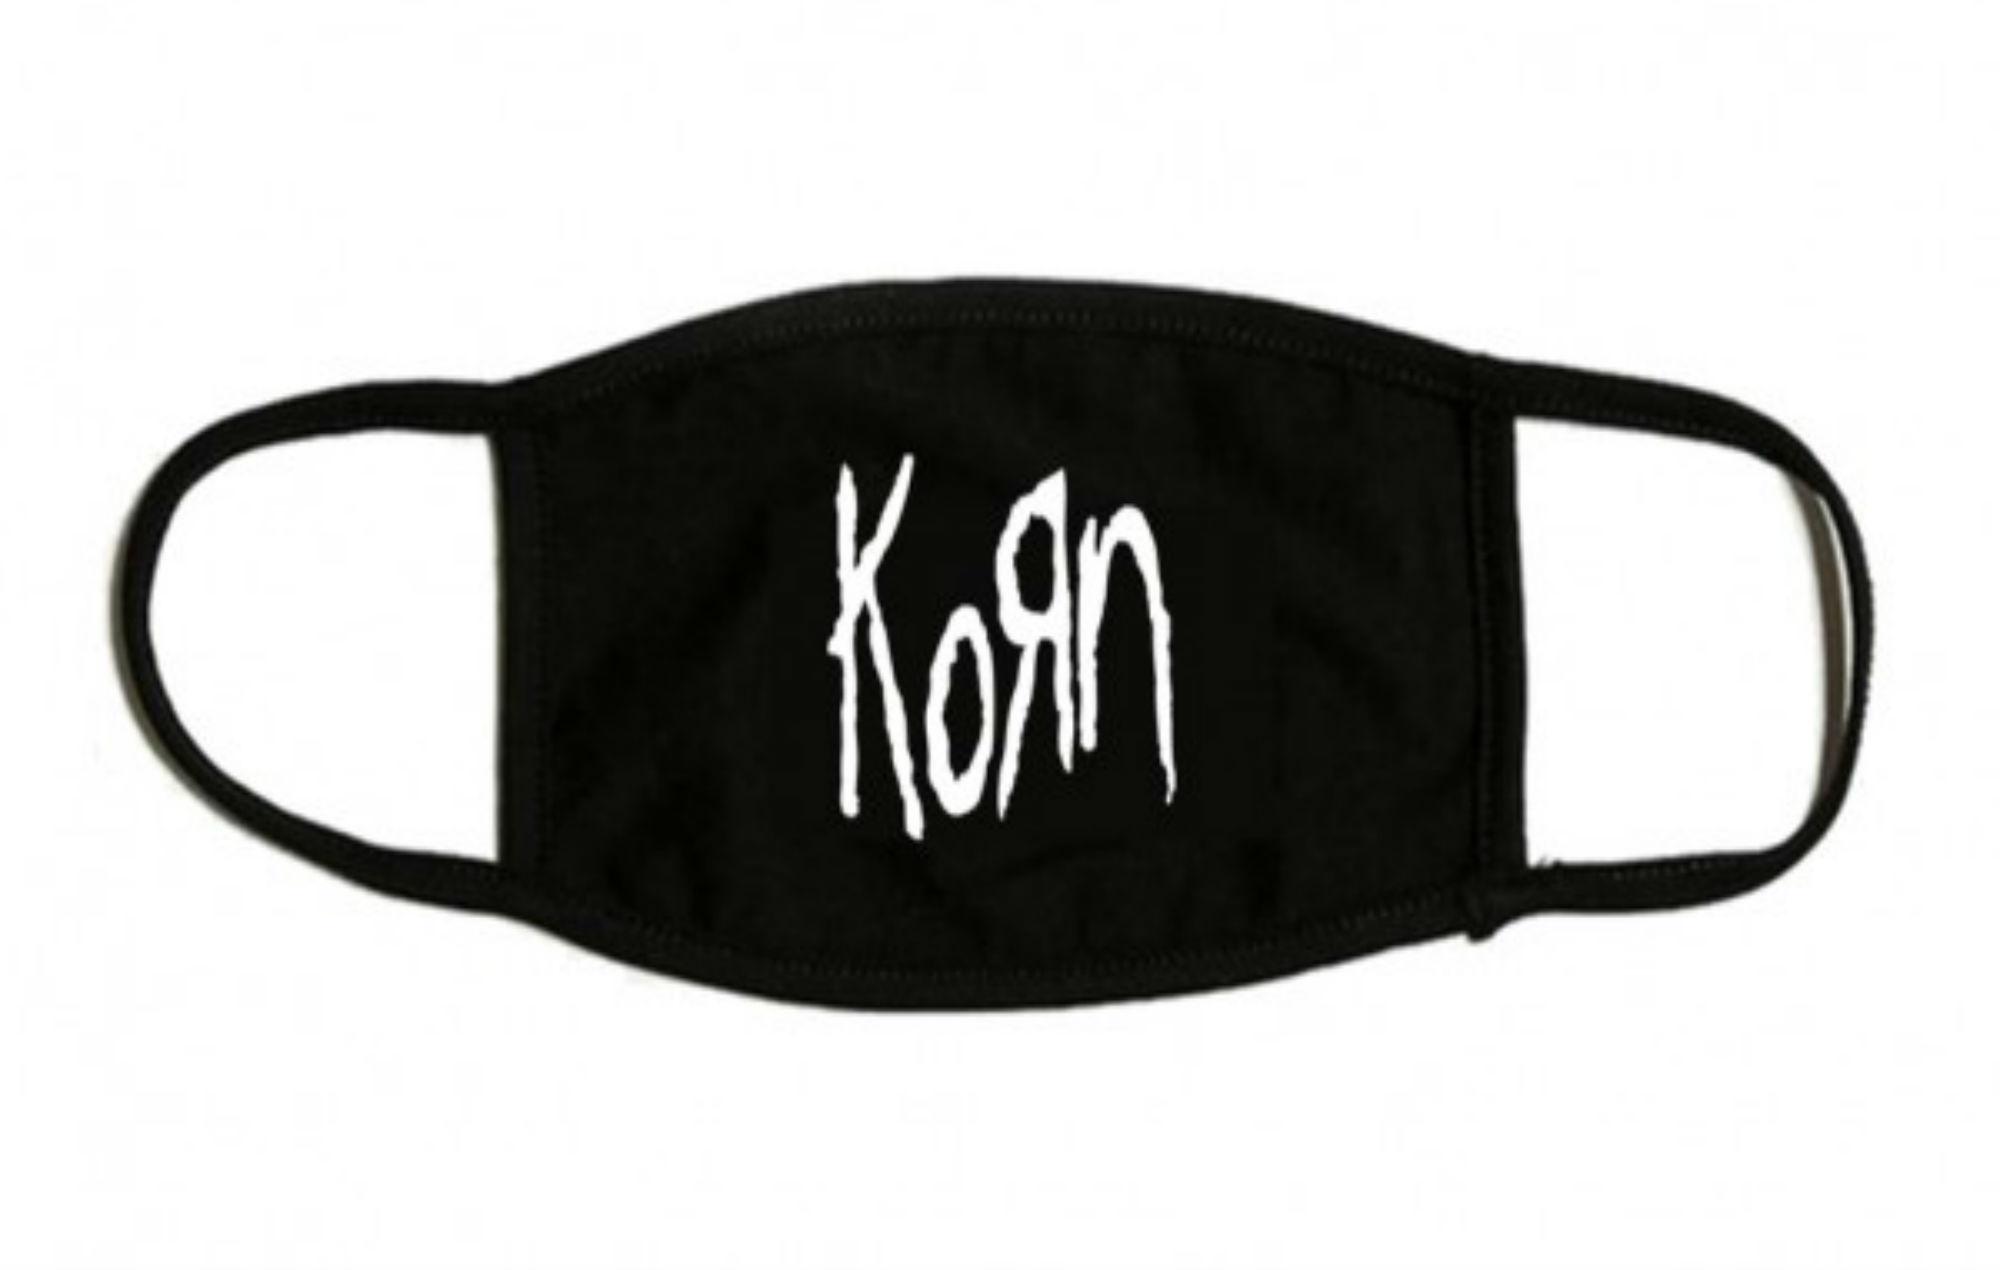 Korn surgical masks